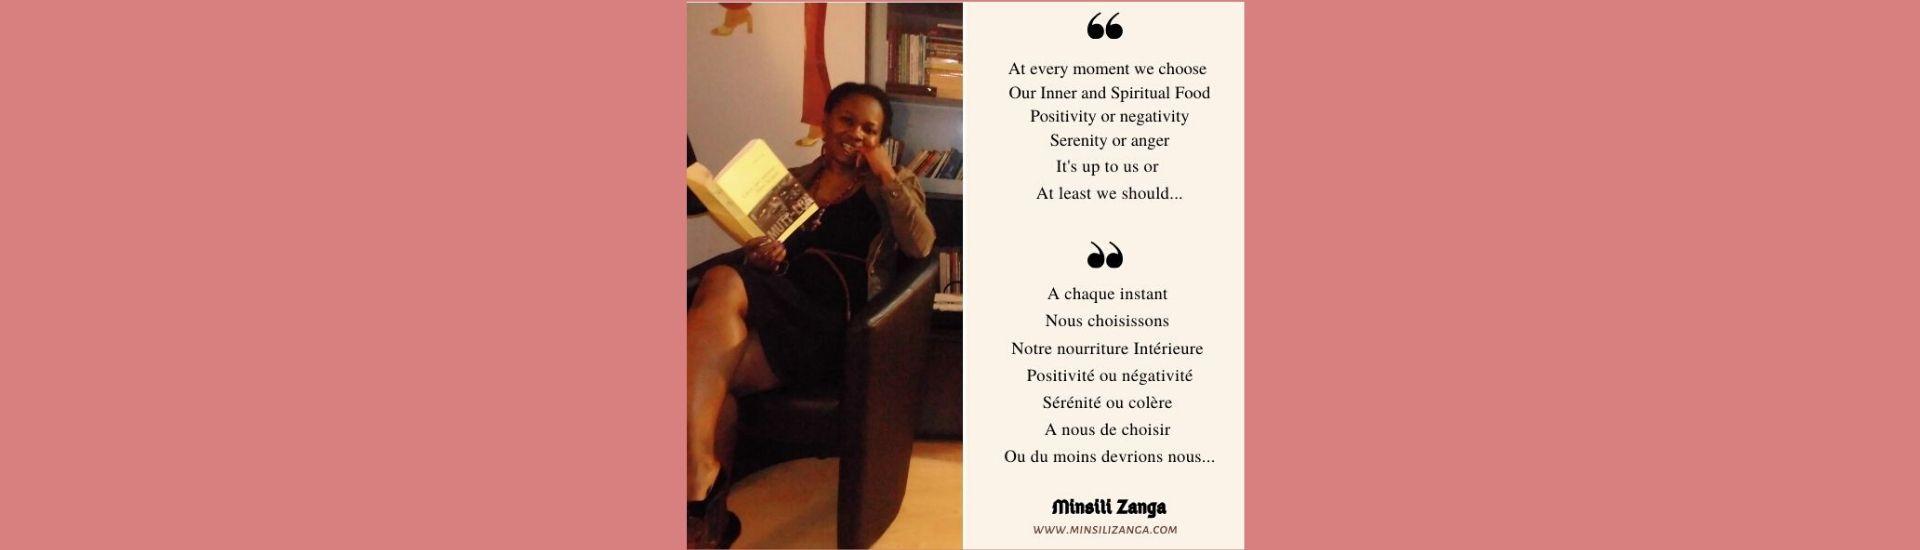 Réflexion sur la tranquillité - Minsili ZANGA